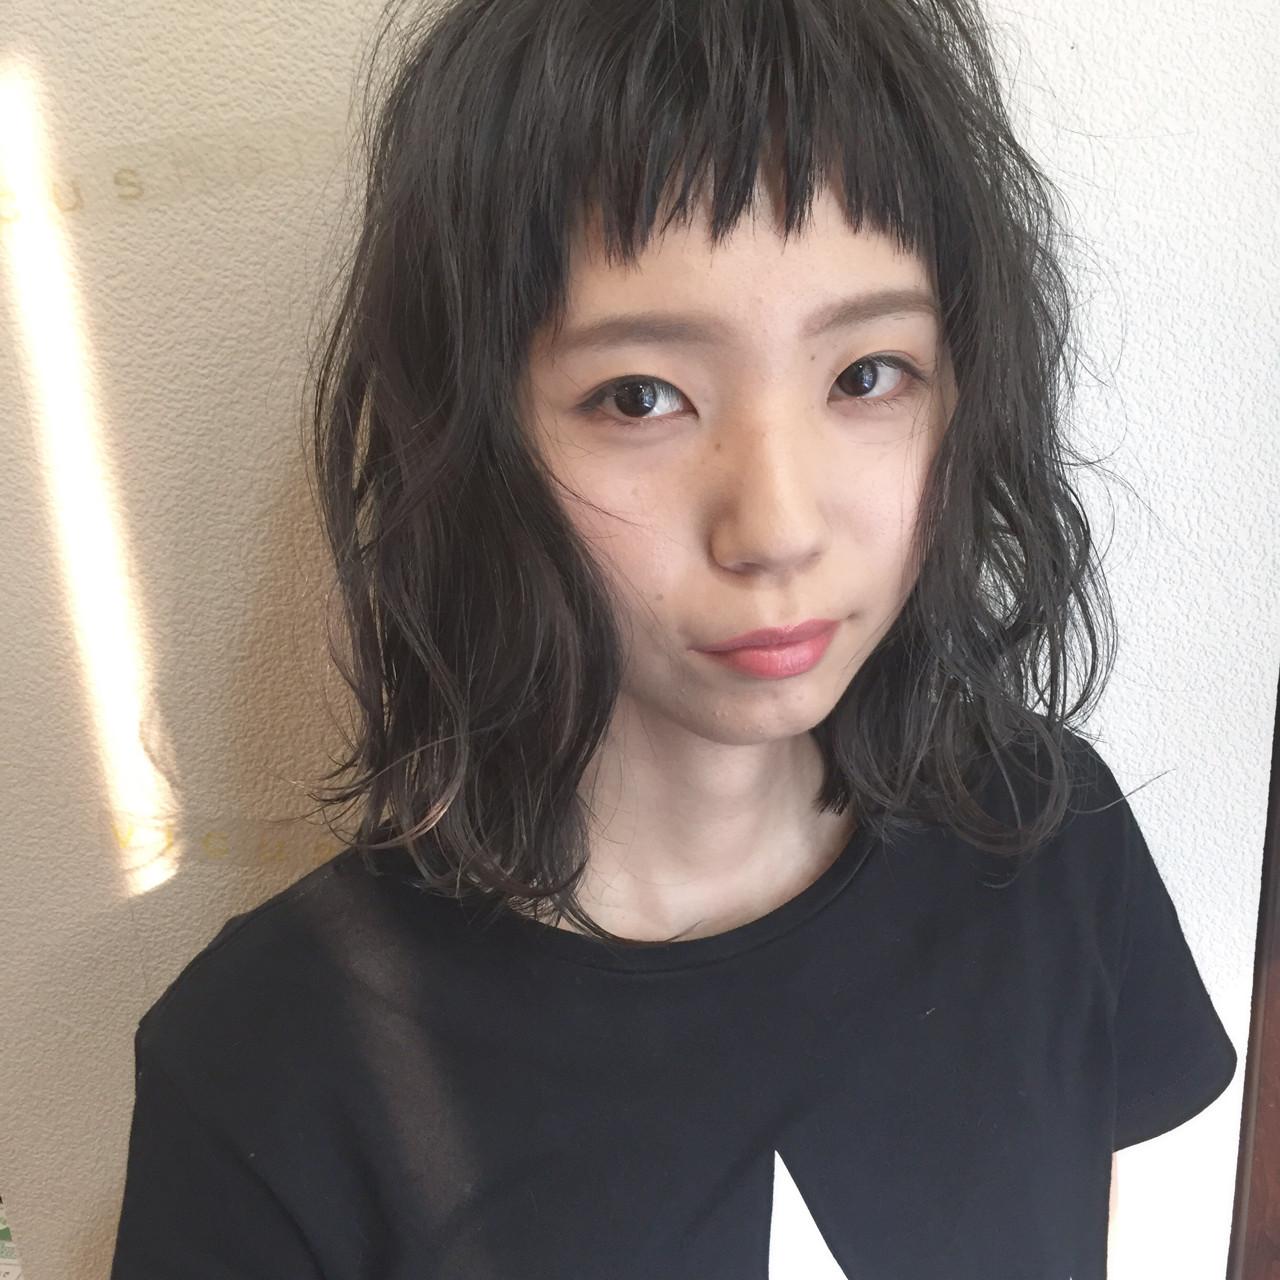 ガーリー ハイライト 外国人風 黒髪 ヘアスタイルや髪型の写真・画像 | 田渕 英和/vicushair / vicushair